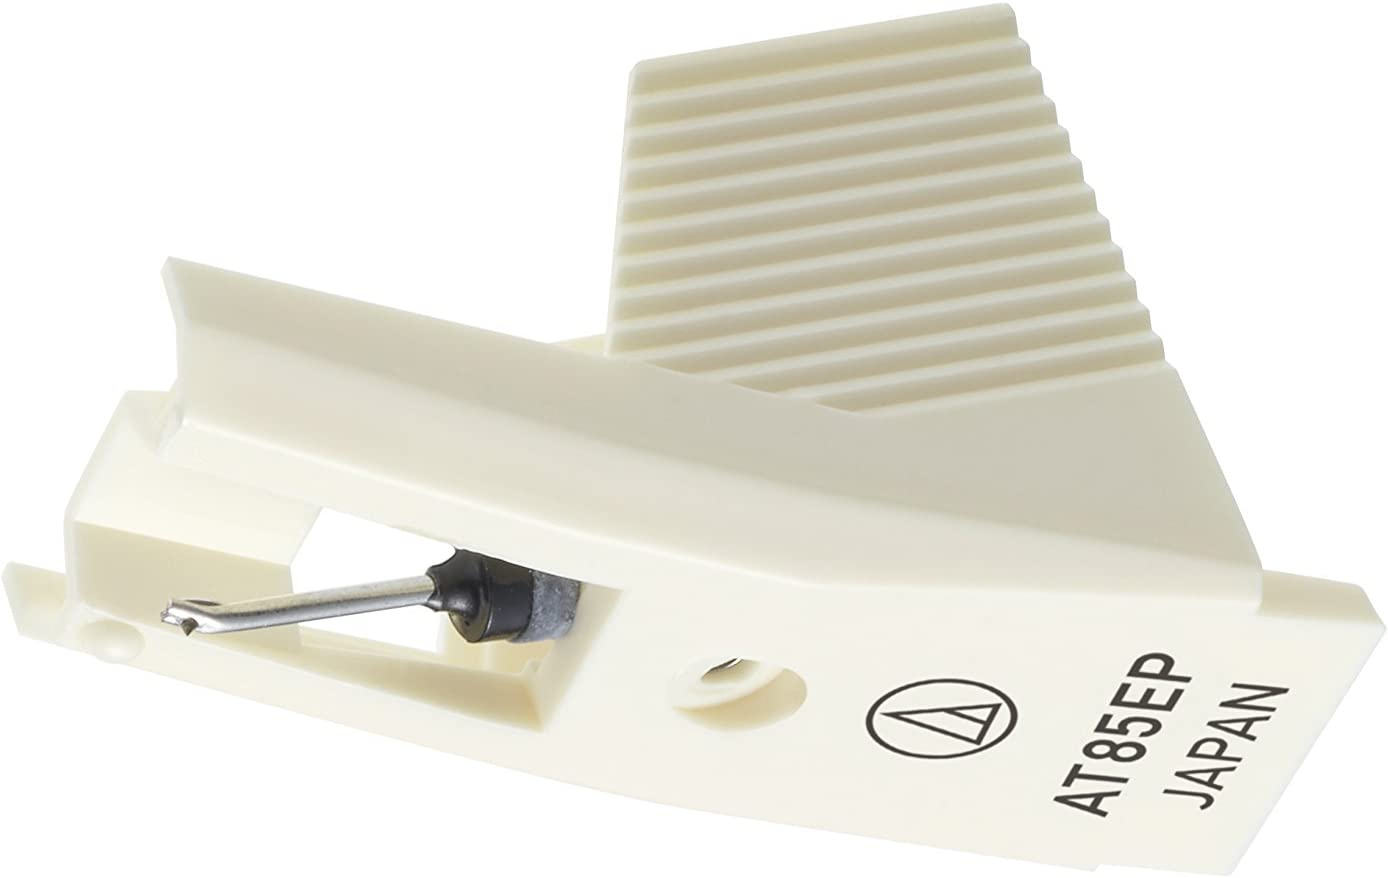 Amazon.com: Audio-Technica at85ep fonógrafo cartucho con ...